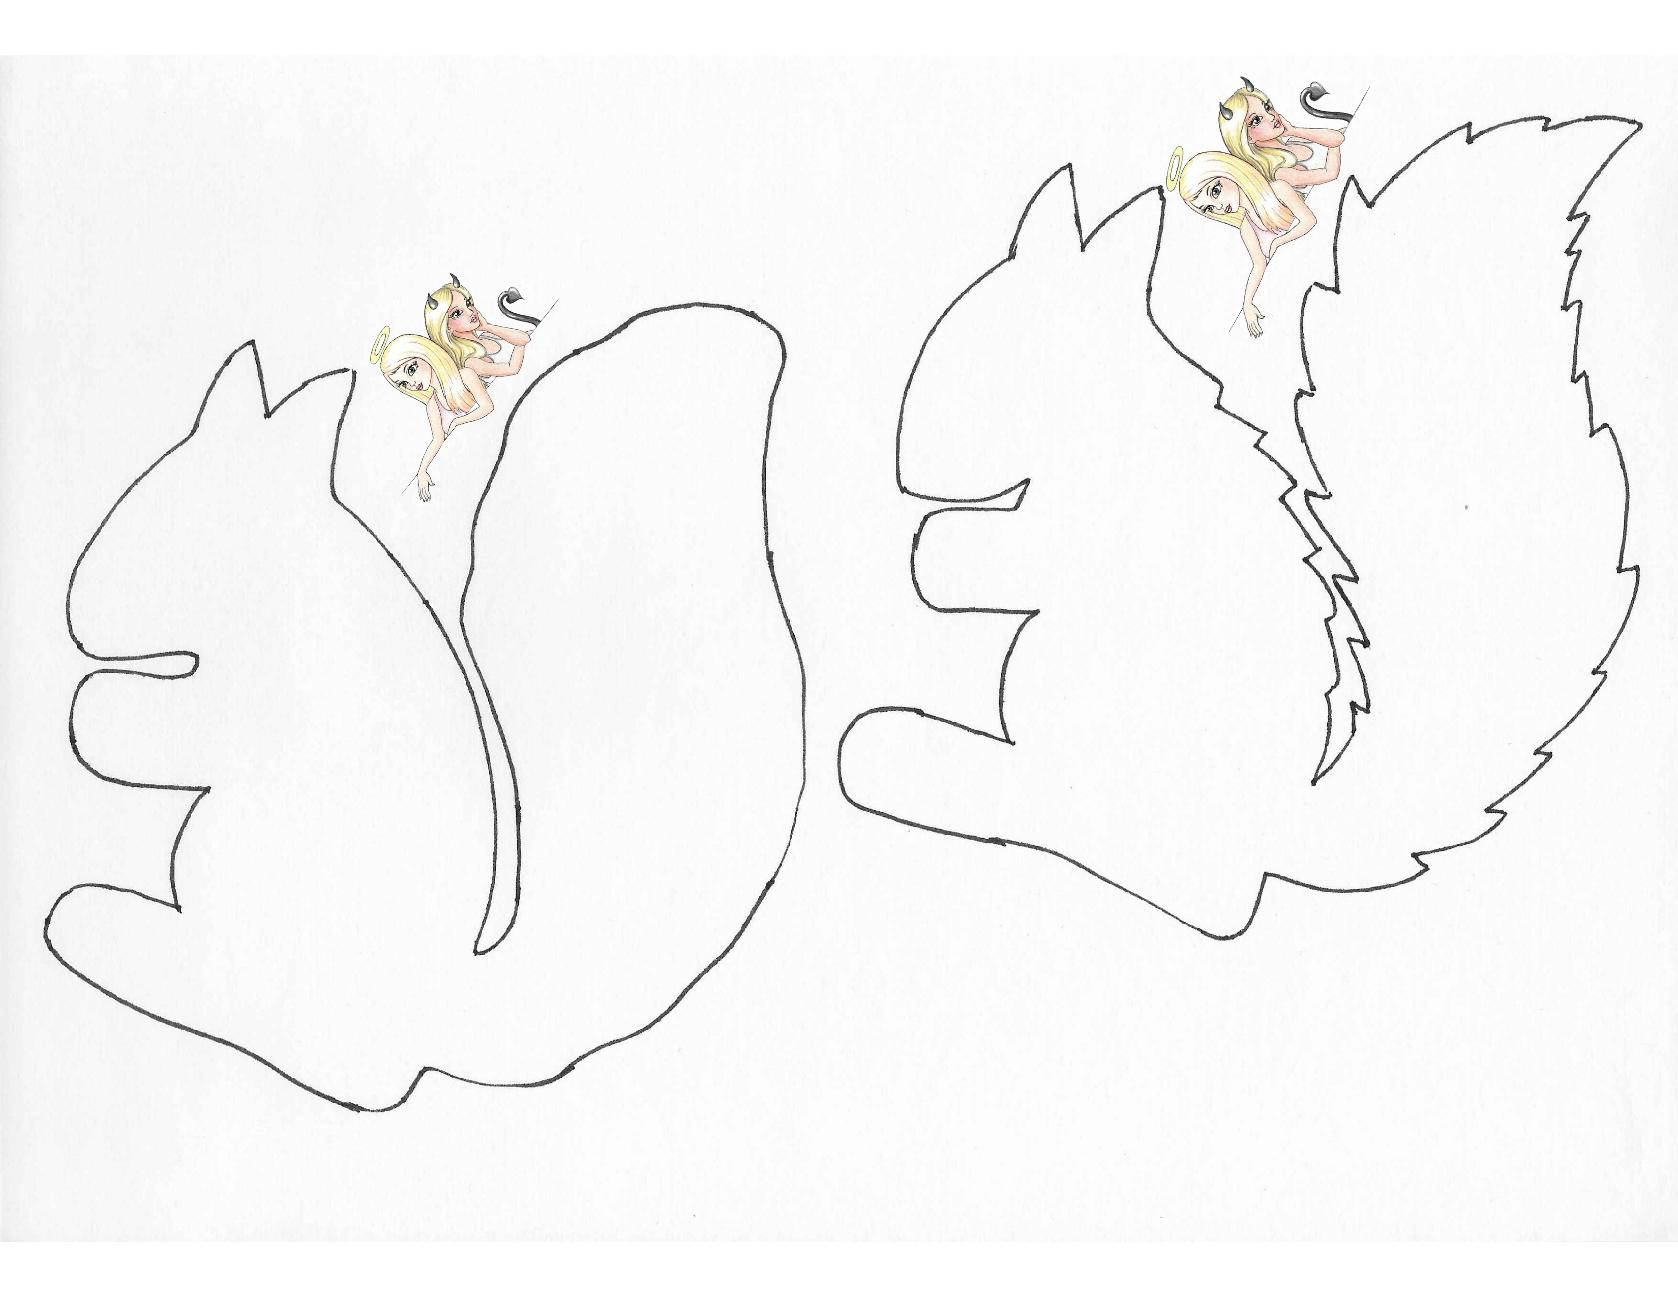 Herbst Basteln: Vorlage Eichhörnchen | Mamaz über Bastelvorlage Eichhörnchen